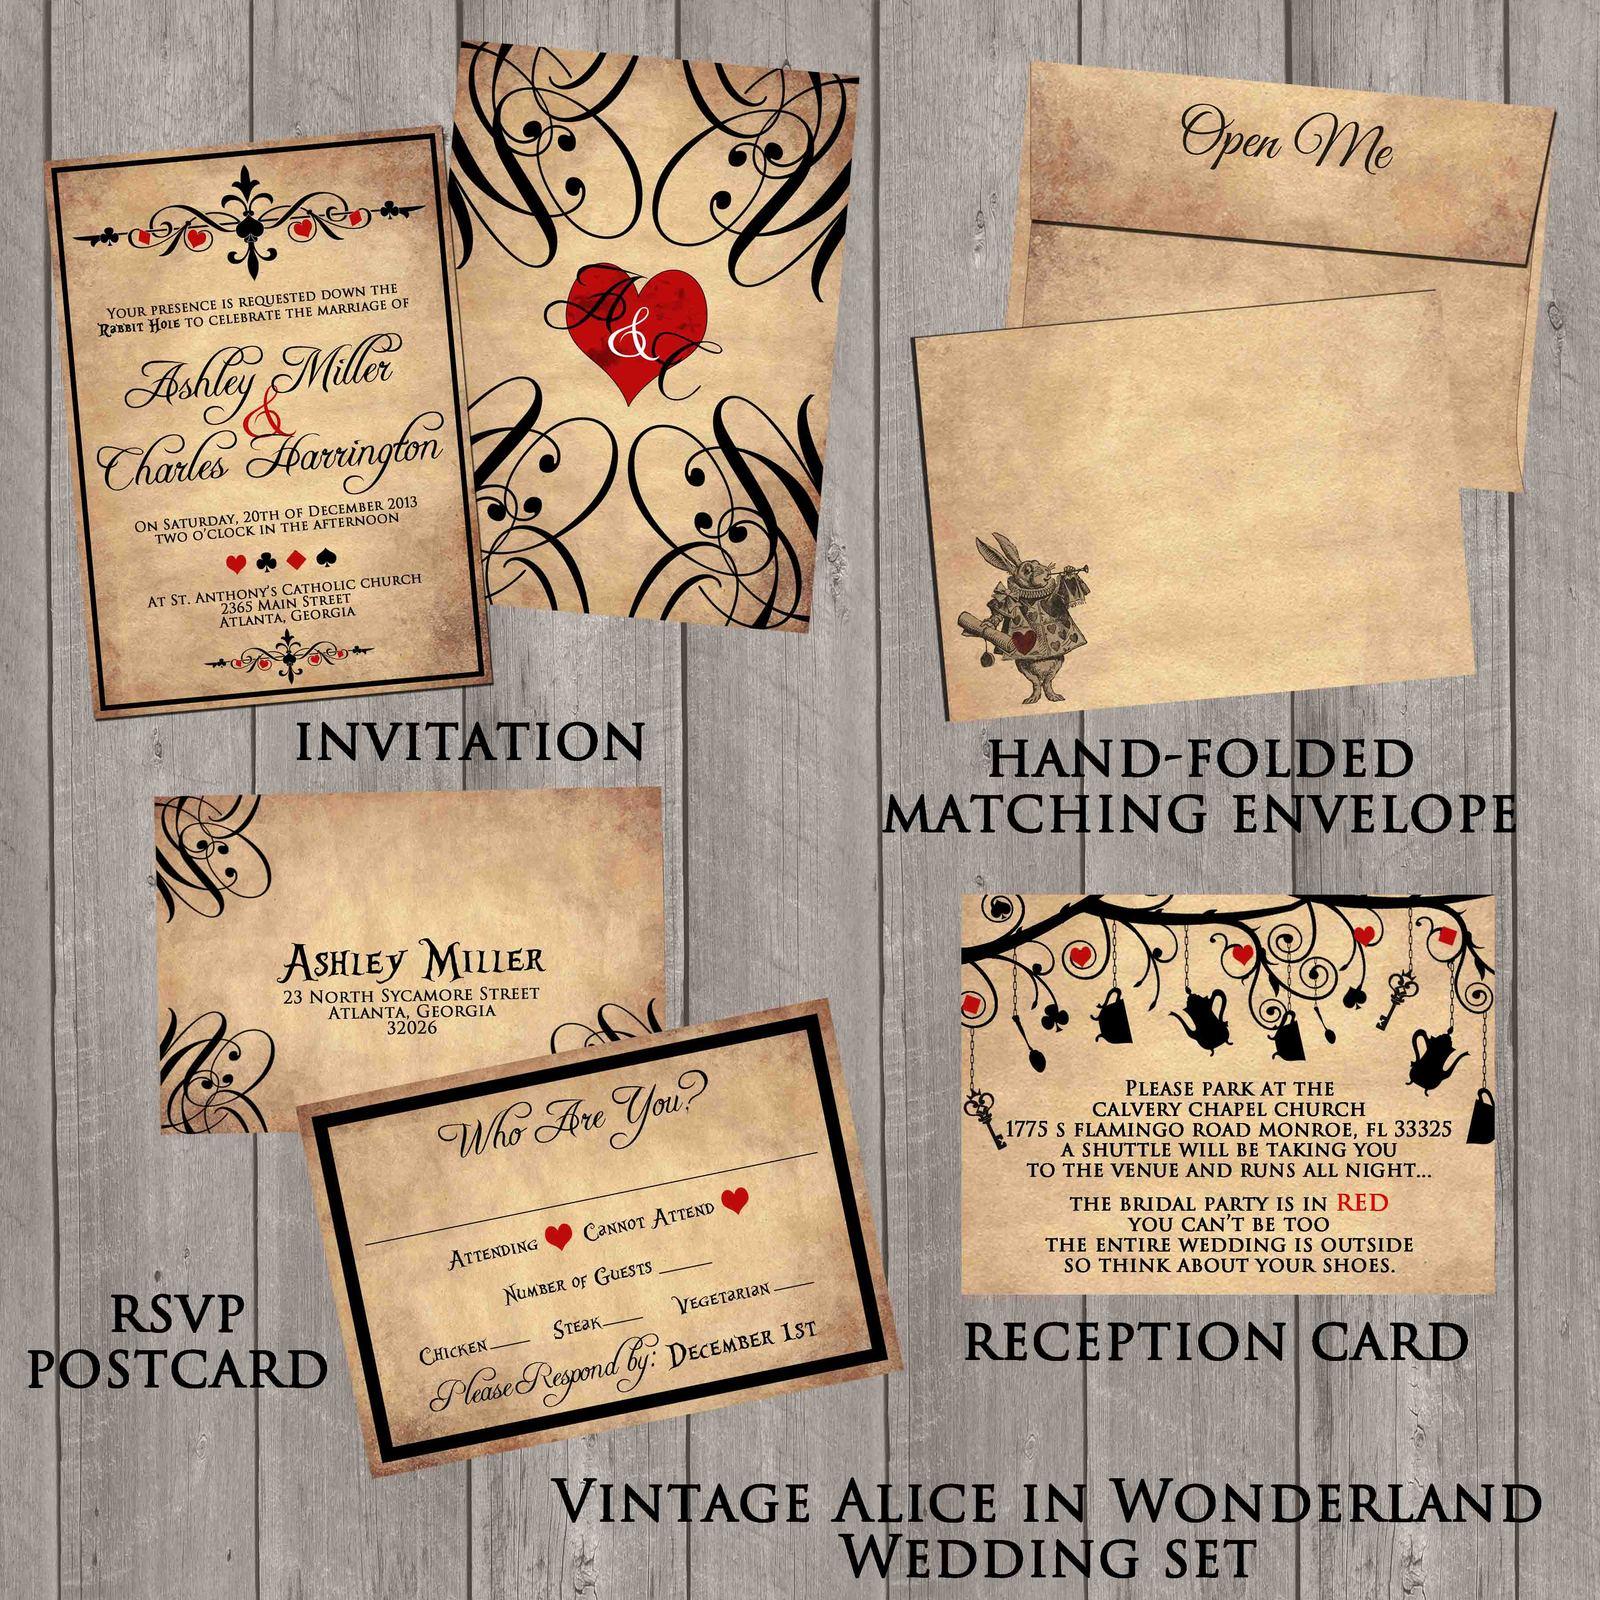 Vintage Alice in Wonderland Wedding invitation Set: RSVP, Reception, Envelope